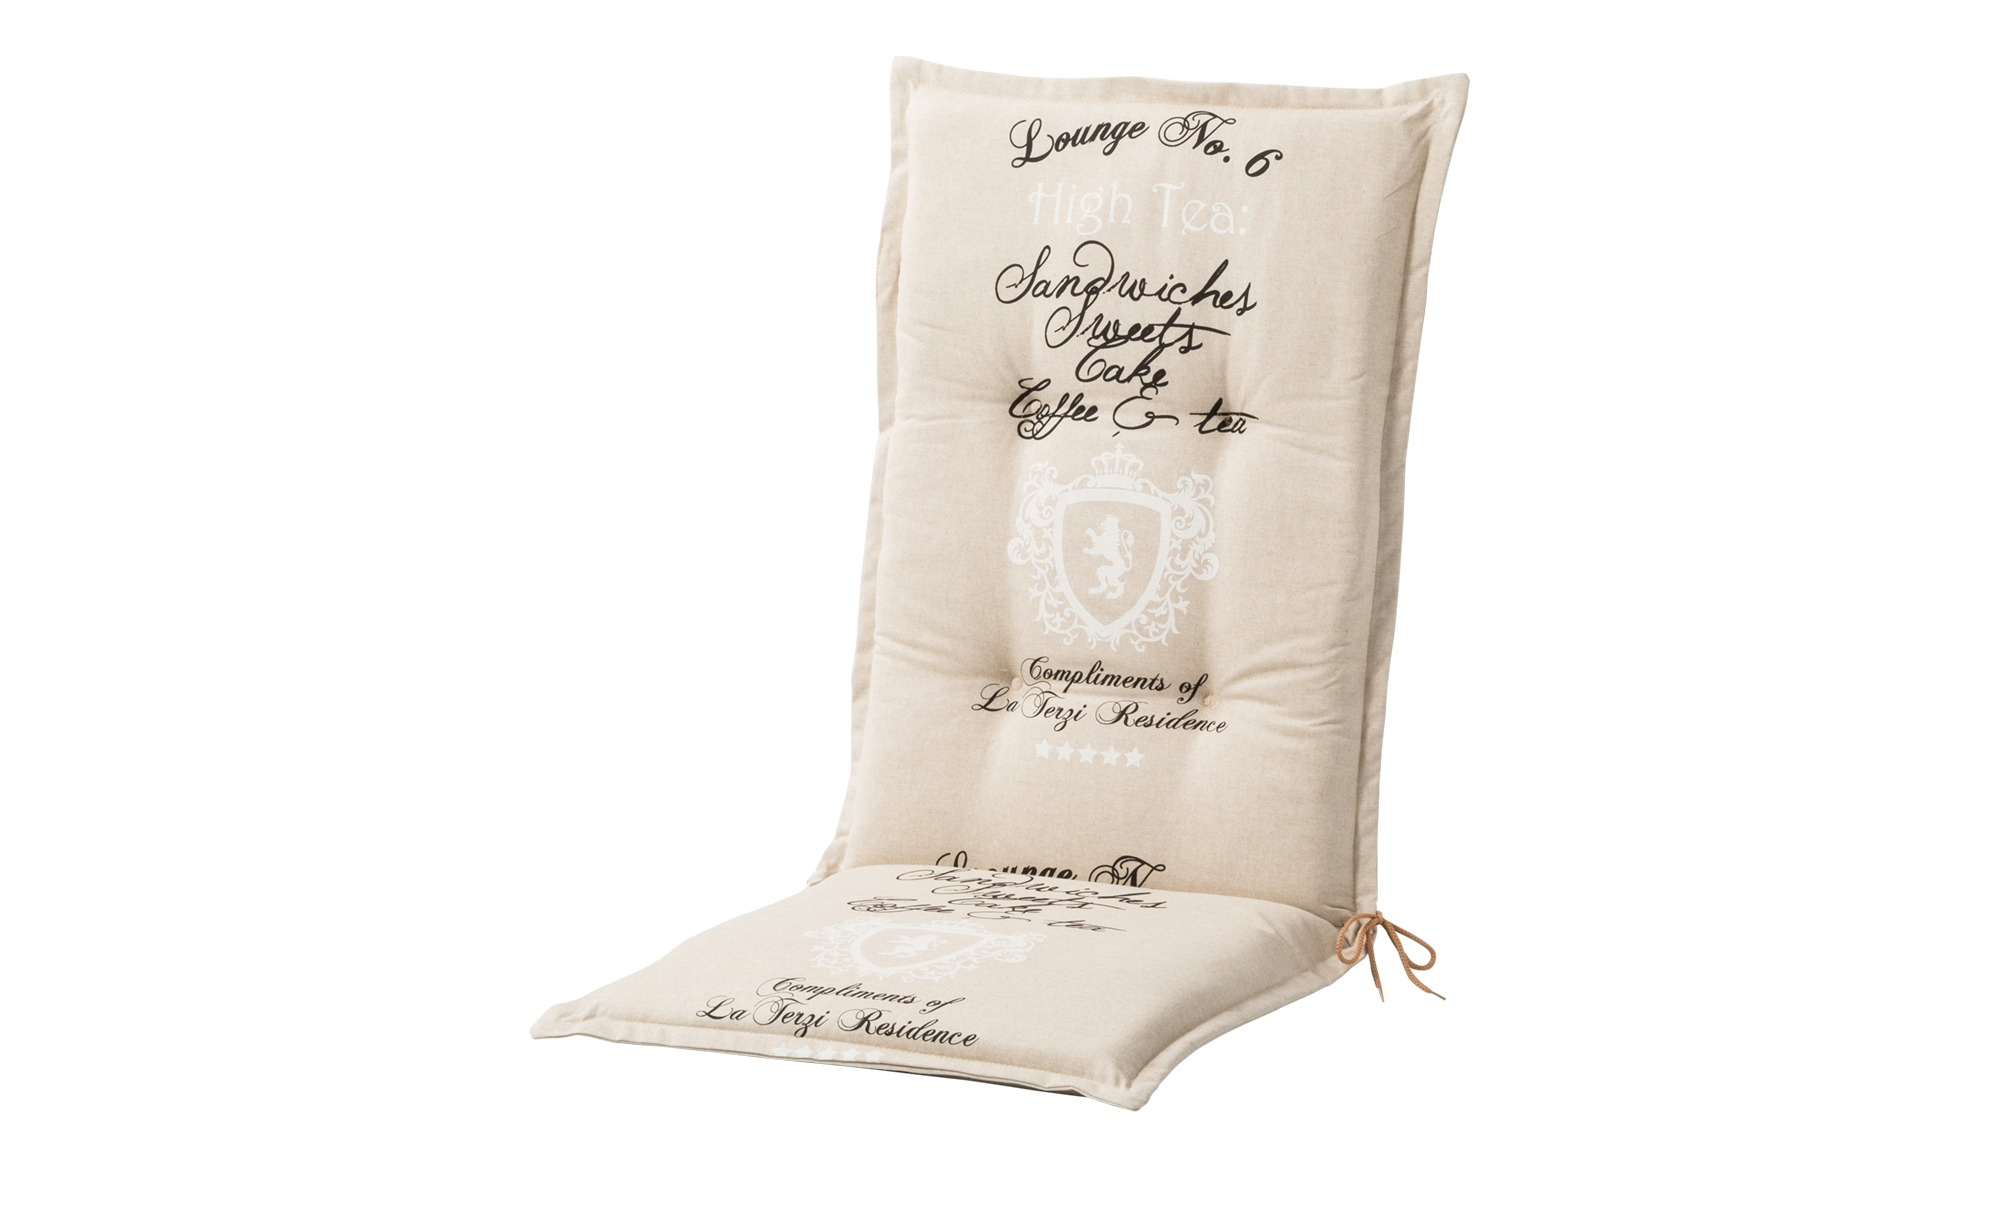 Hochlehnerauflage  High Tea Sand ¦ beige ¦ Mischgewebe, 85% Baumwolle, 15% Polyester ¦ Maße (cm): B: 50 H: 7 Garten > Auflagen & Kissen > Hochlehner-Auflagen - Höffner